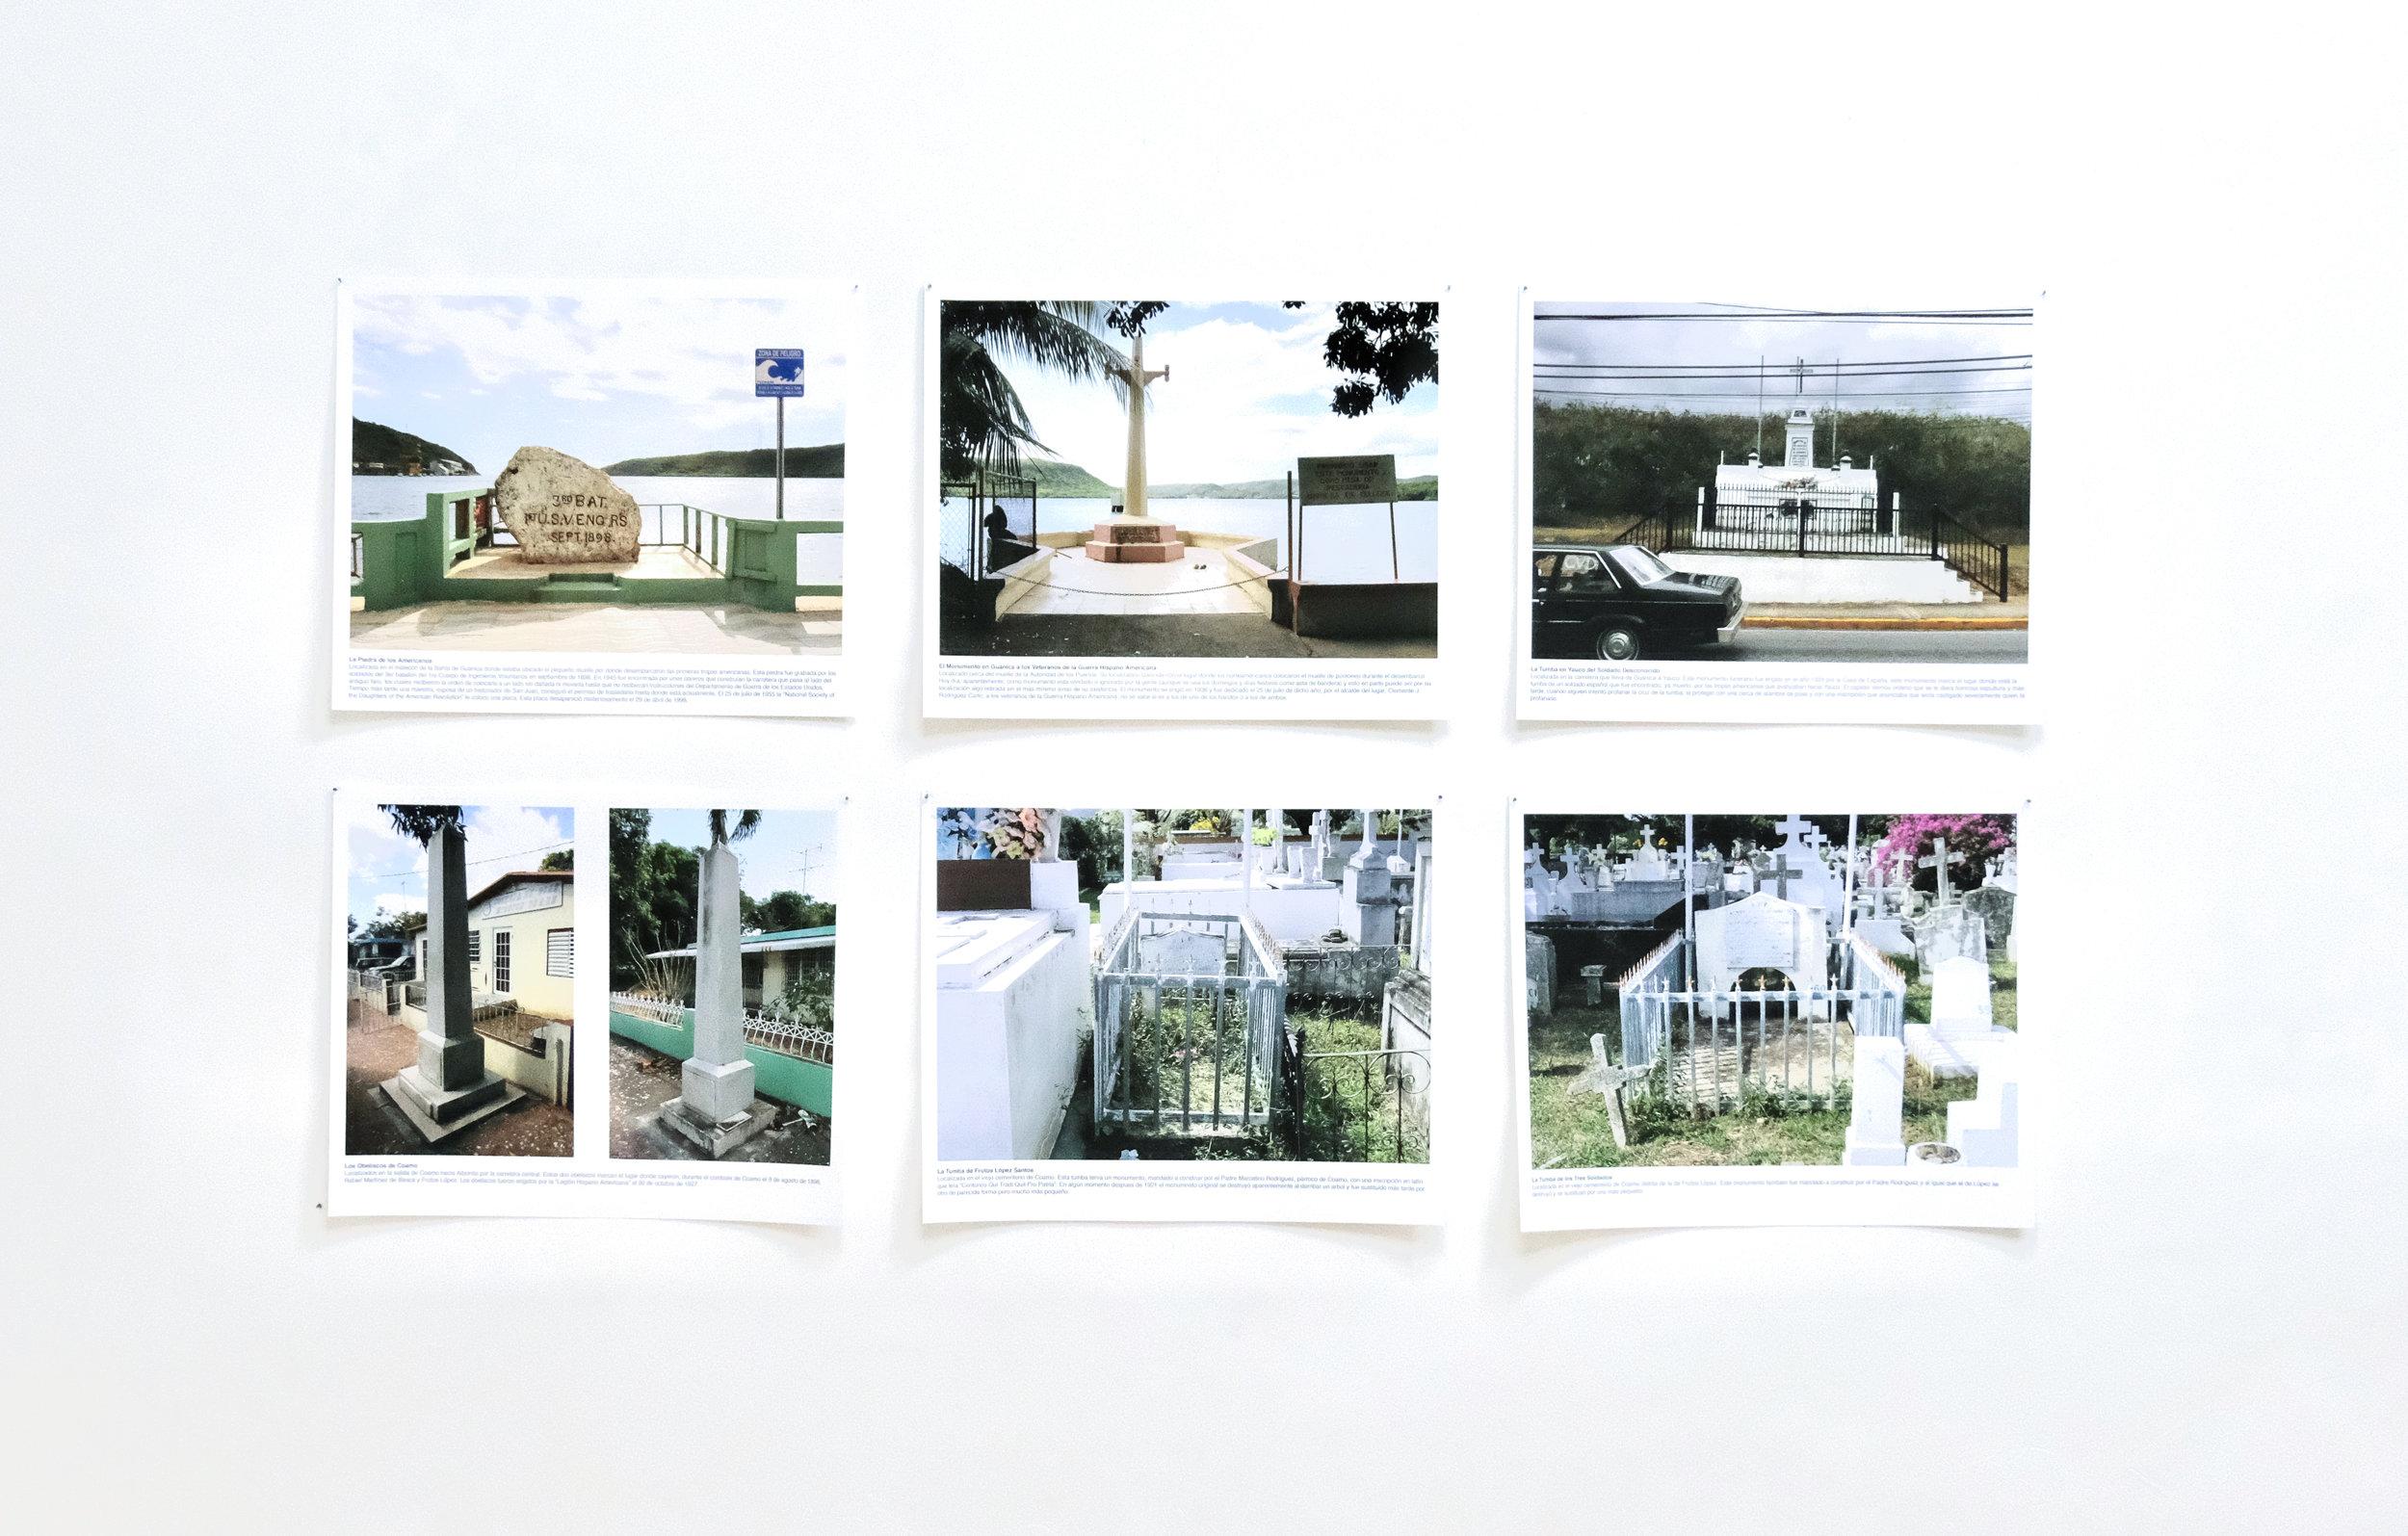 Monica Rodriguez / Cambio de Guardia: Puerto Rico 1898, 2013 / Impresión digital sobre papel algodón